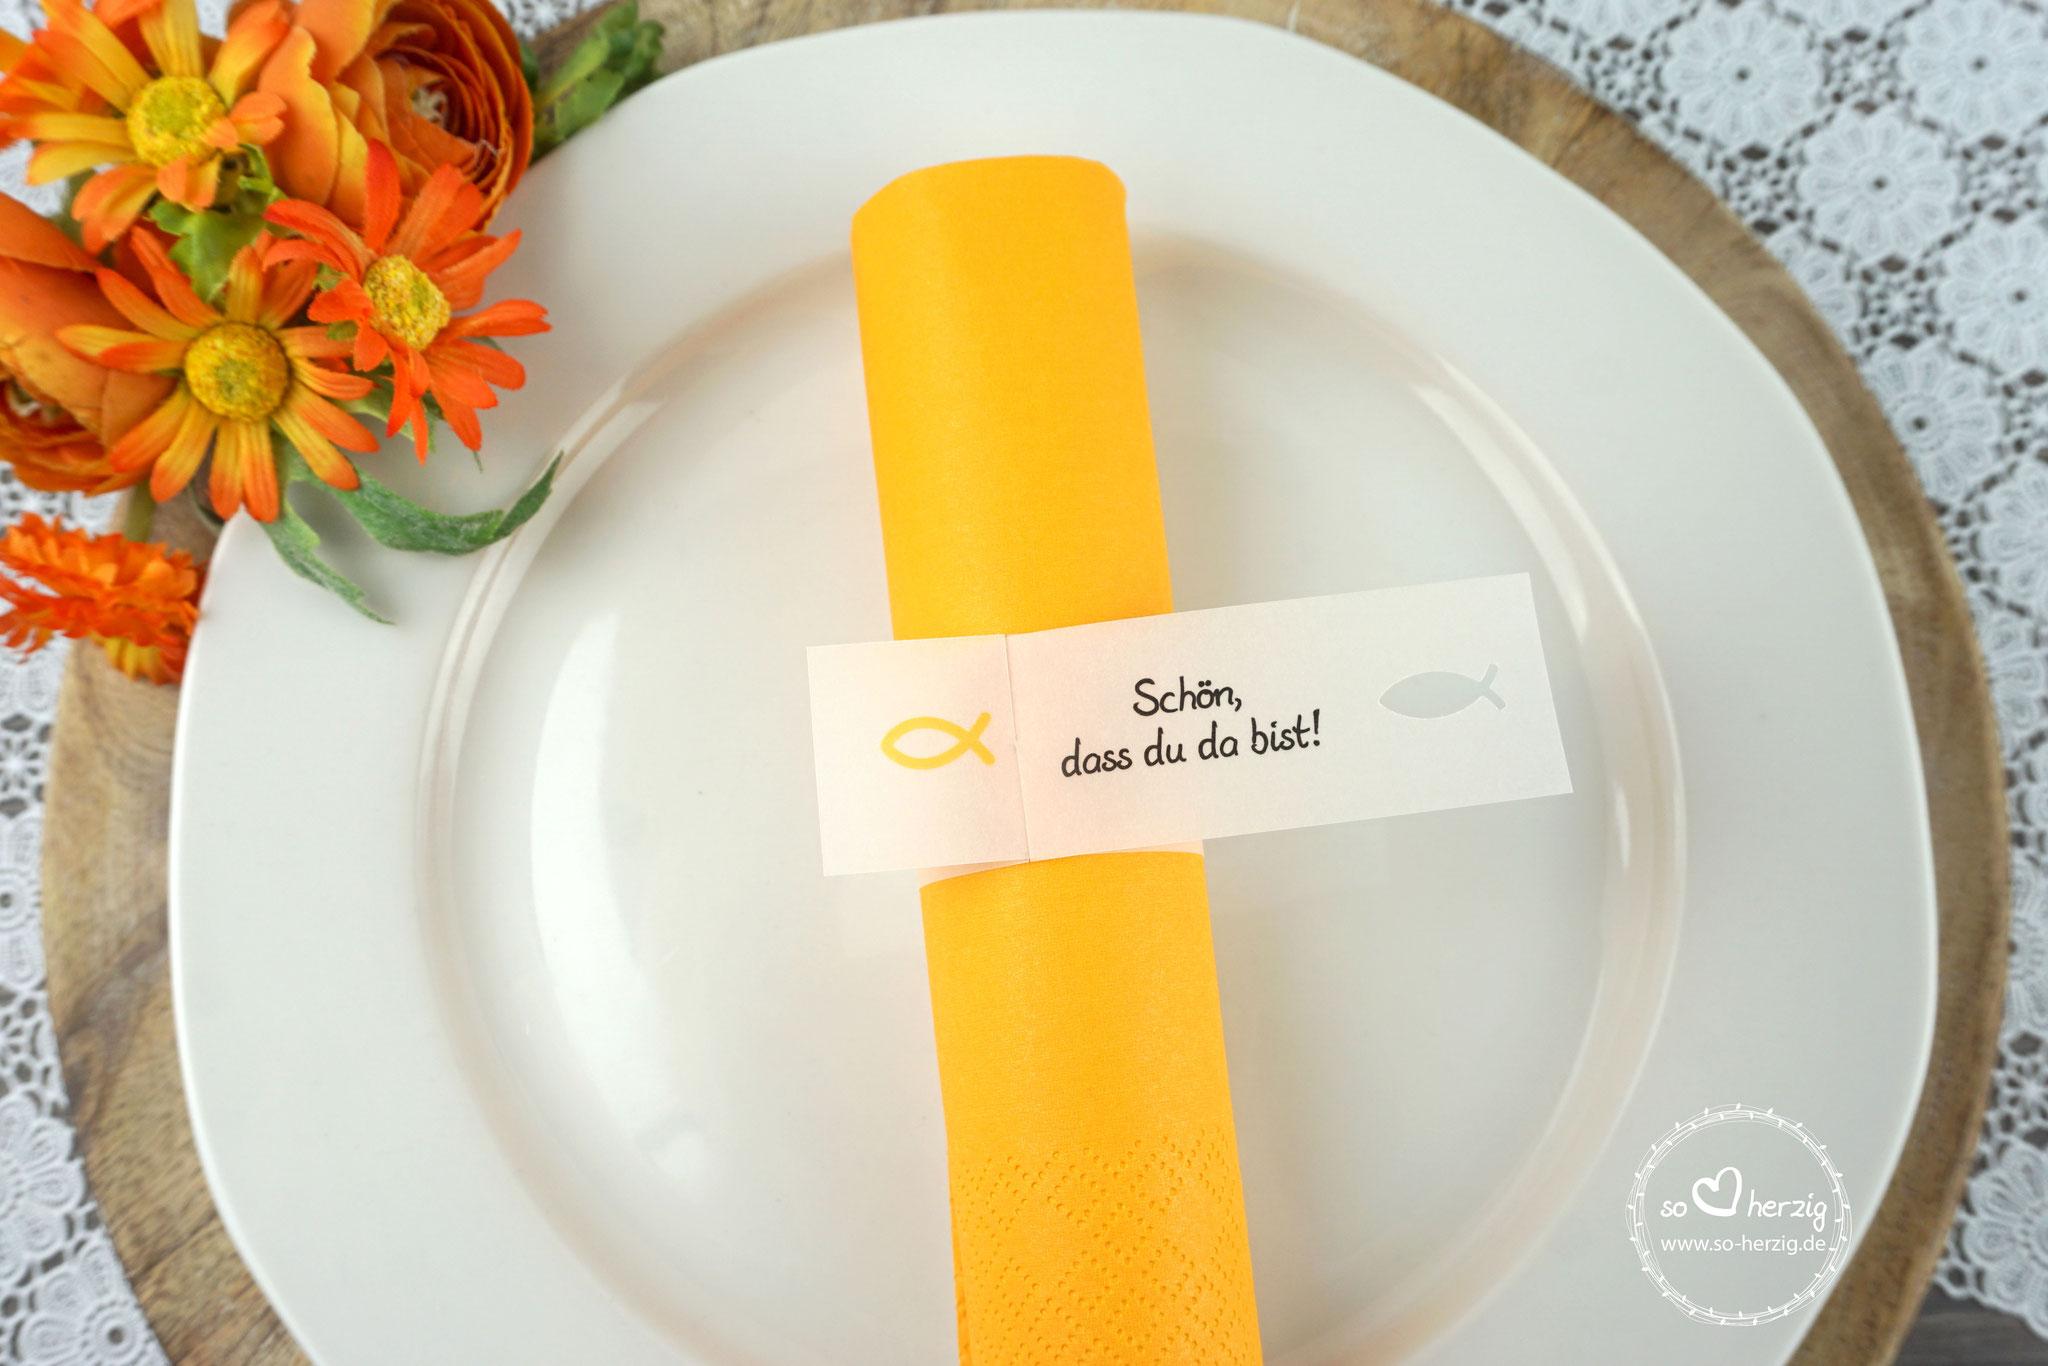 Serviettenring Design Fisch Silhouette, Farbe Gelb, Randabschluss Fisch